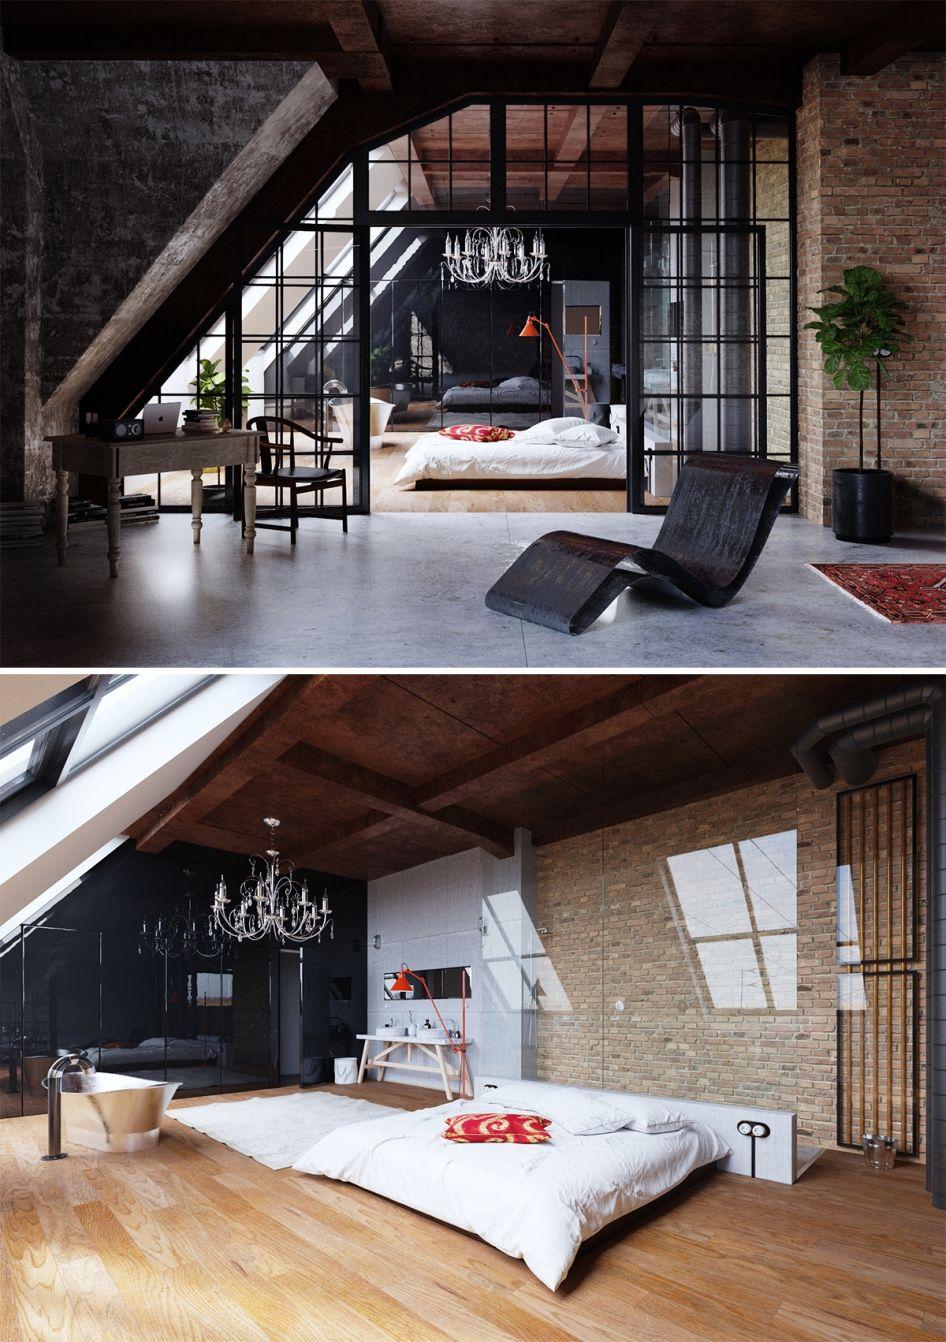 construire loft pas cher good gallery of chambre carrelage parquet salle de bain et salle de. Black Bedroom Furniture Sets. Home Design Ideas